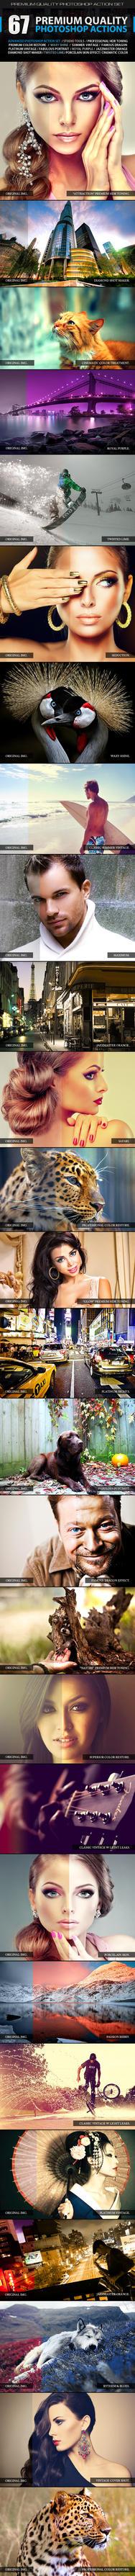 67 Premium Photoshop Actions by SixStarStudio